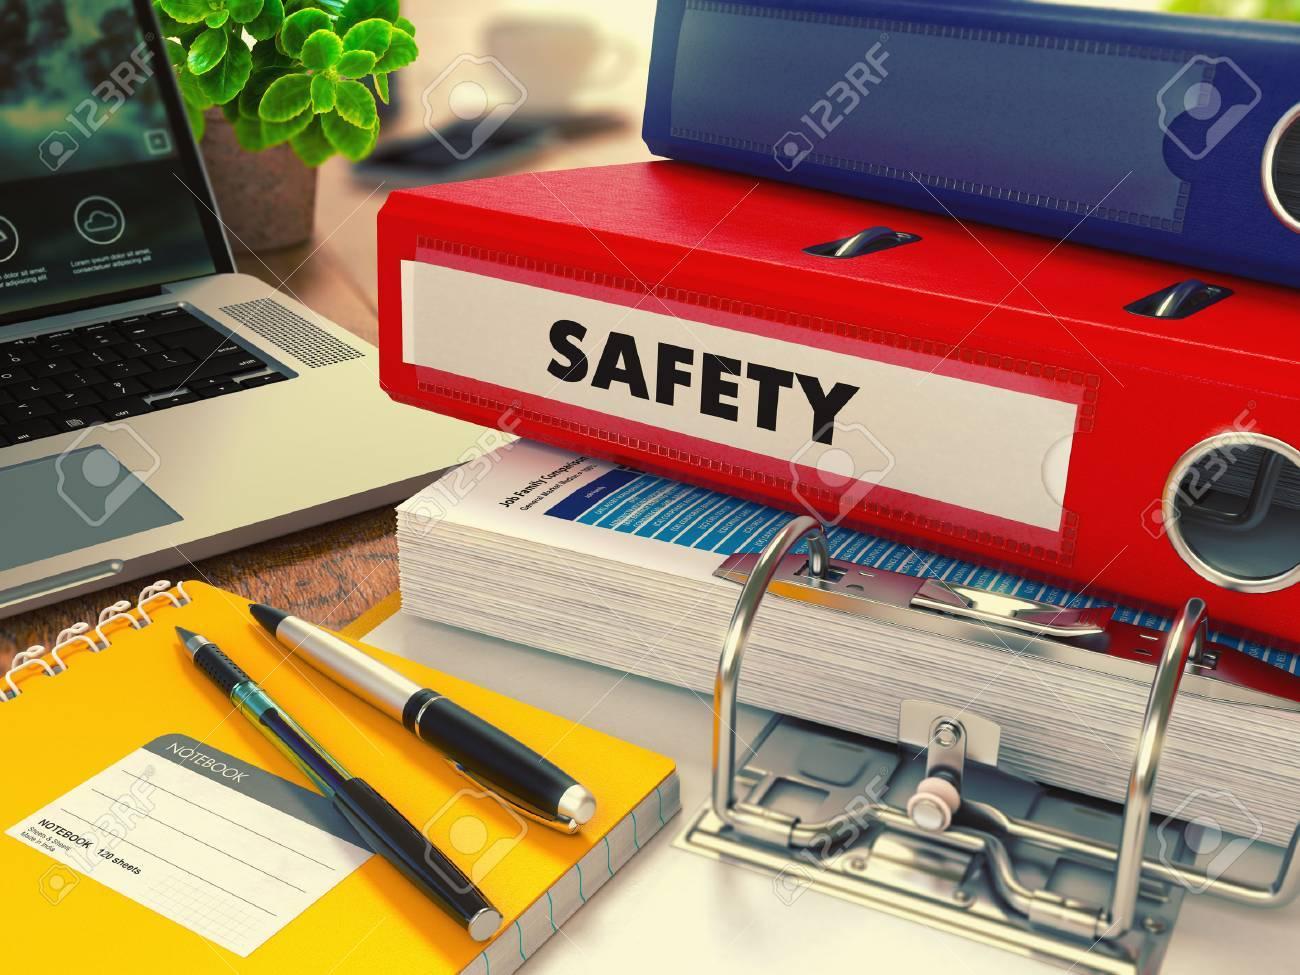 Red Office-Ordner mit Inschrift Sicherheit auf Office Desktop mit Büromaterial und Moderne Laptop. Business-Konzept auf unscharfen Hintergrund. Getönt. Standard-Bild - 45649277